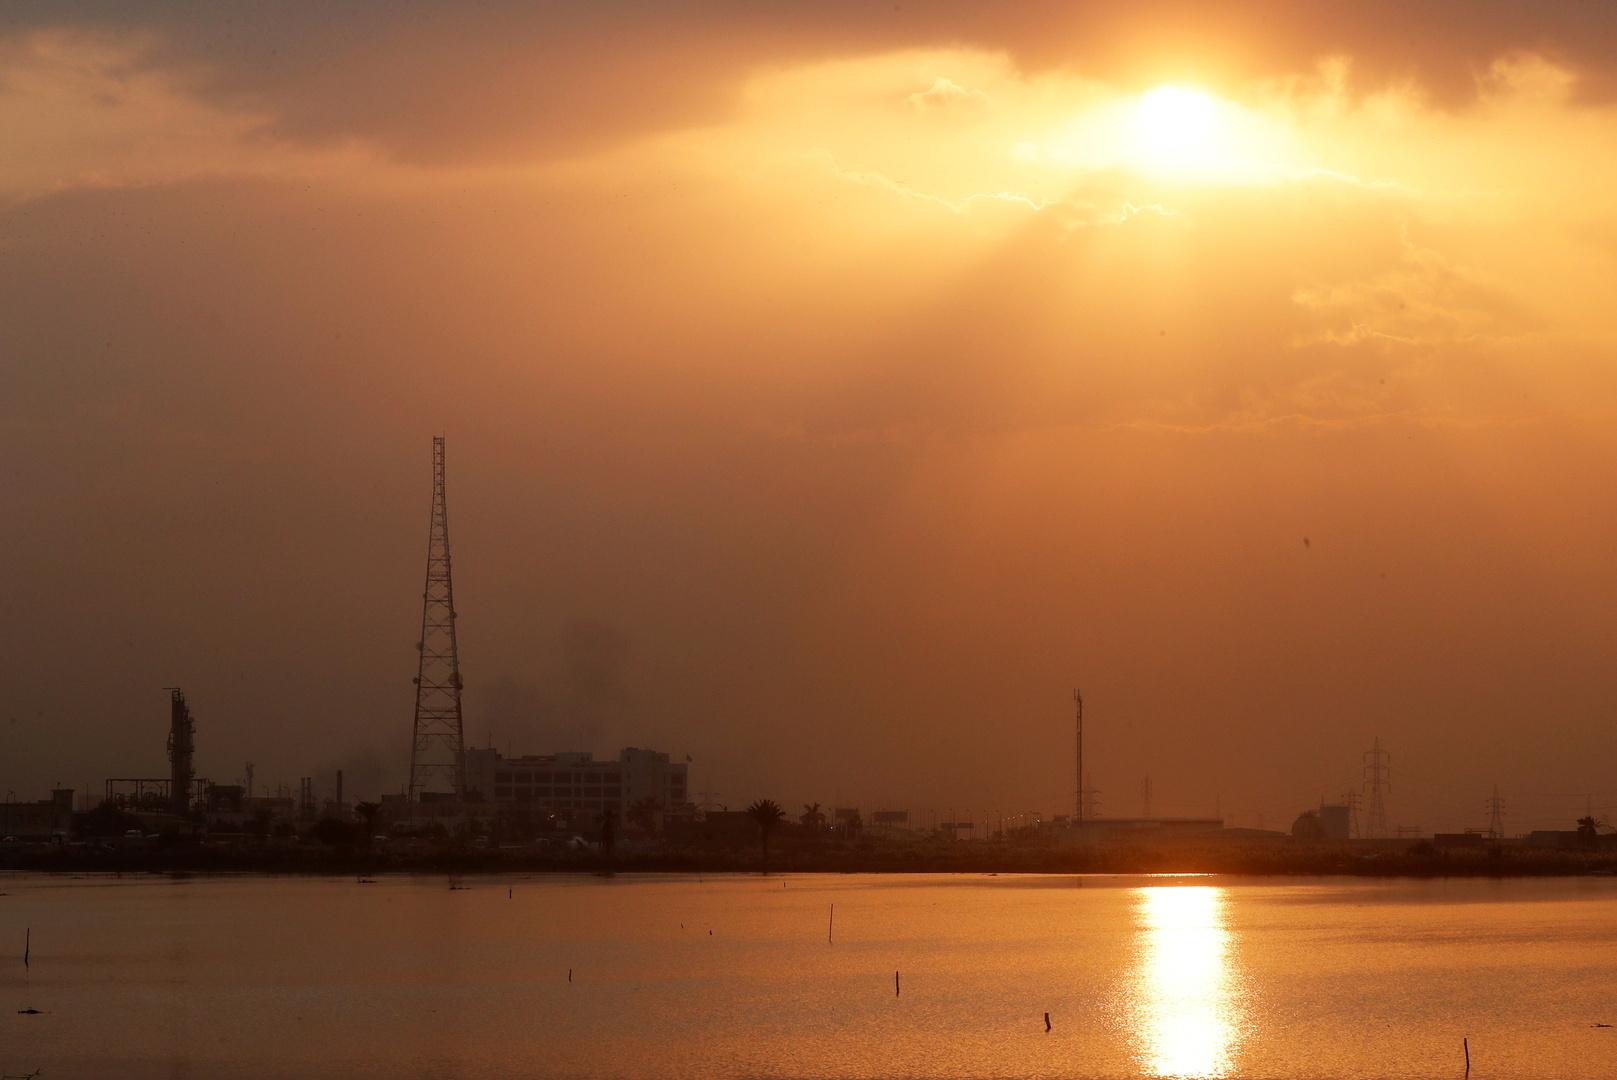 الأرصاد الجوية تكشف تفاصيل الطقس غير المعتاد في مصر